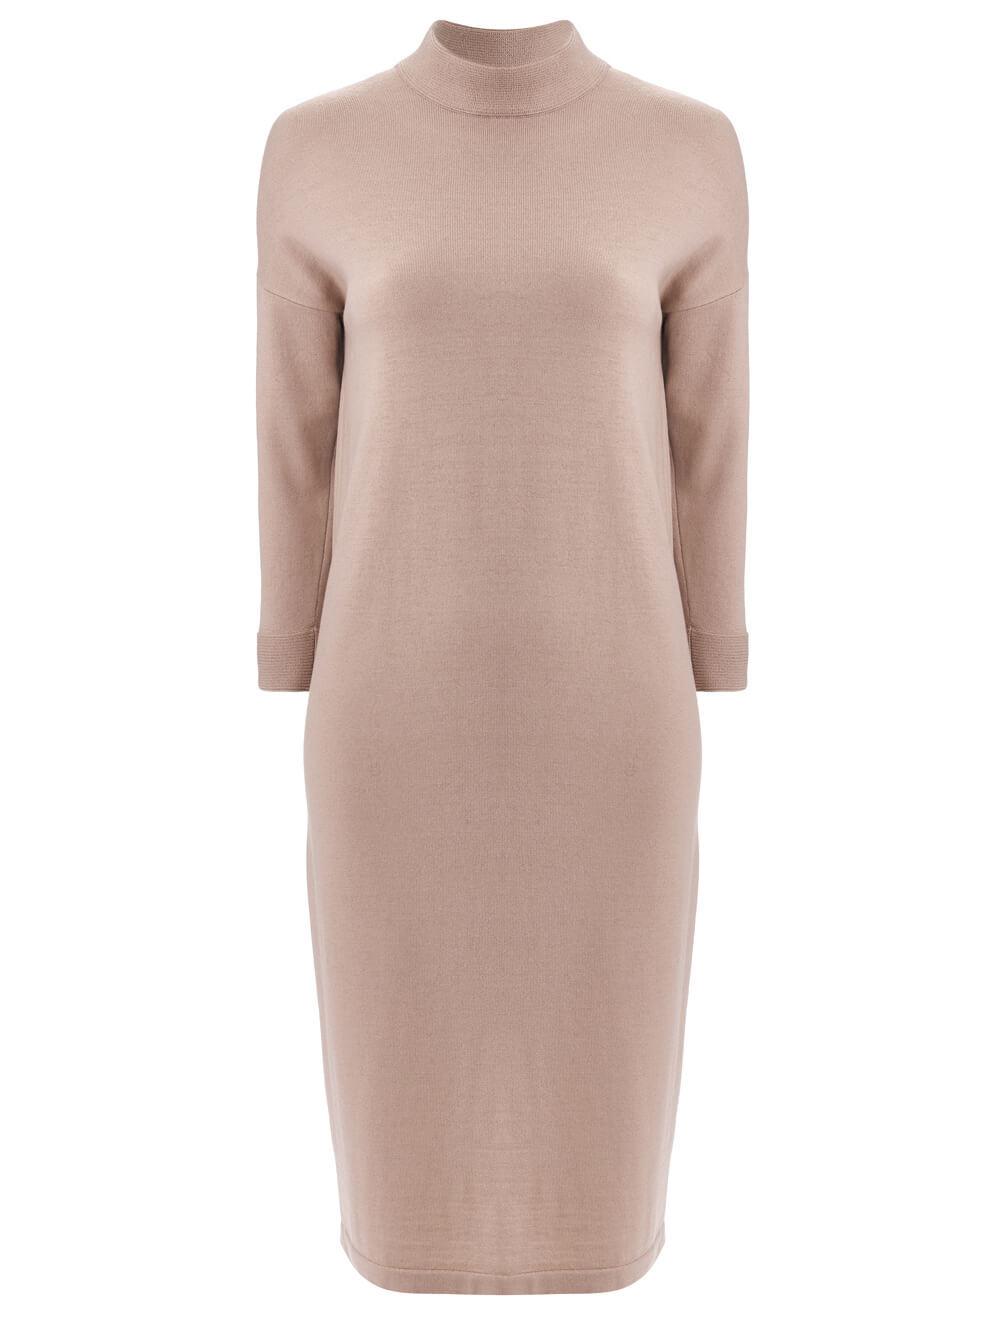 Женское платье цвета нюд из 100% шерсти - фото 1